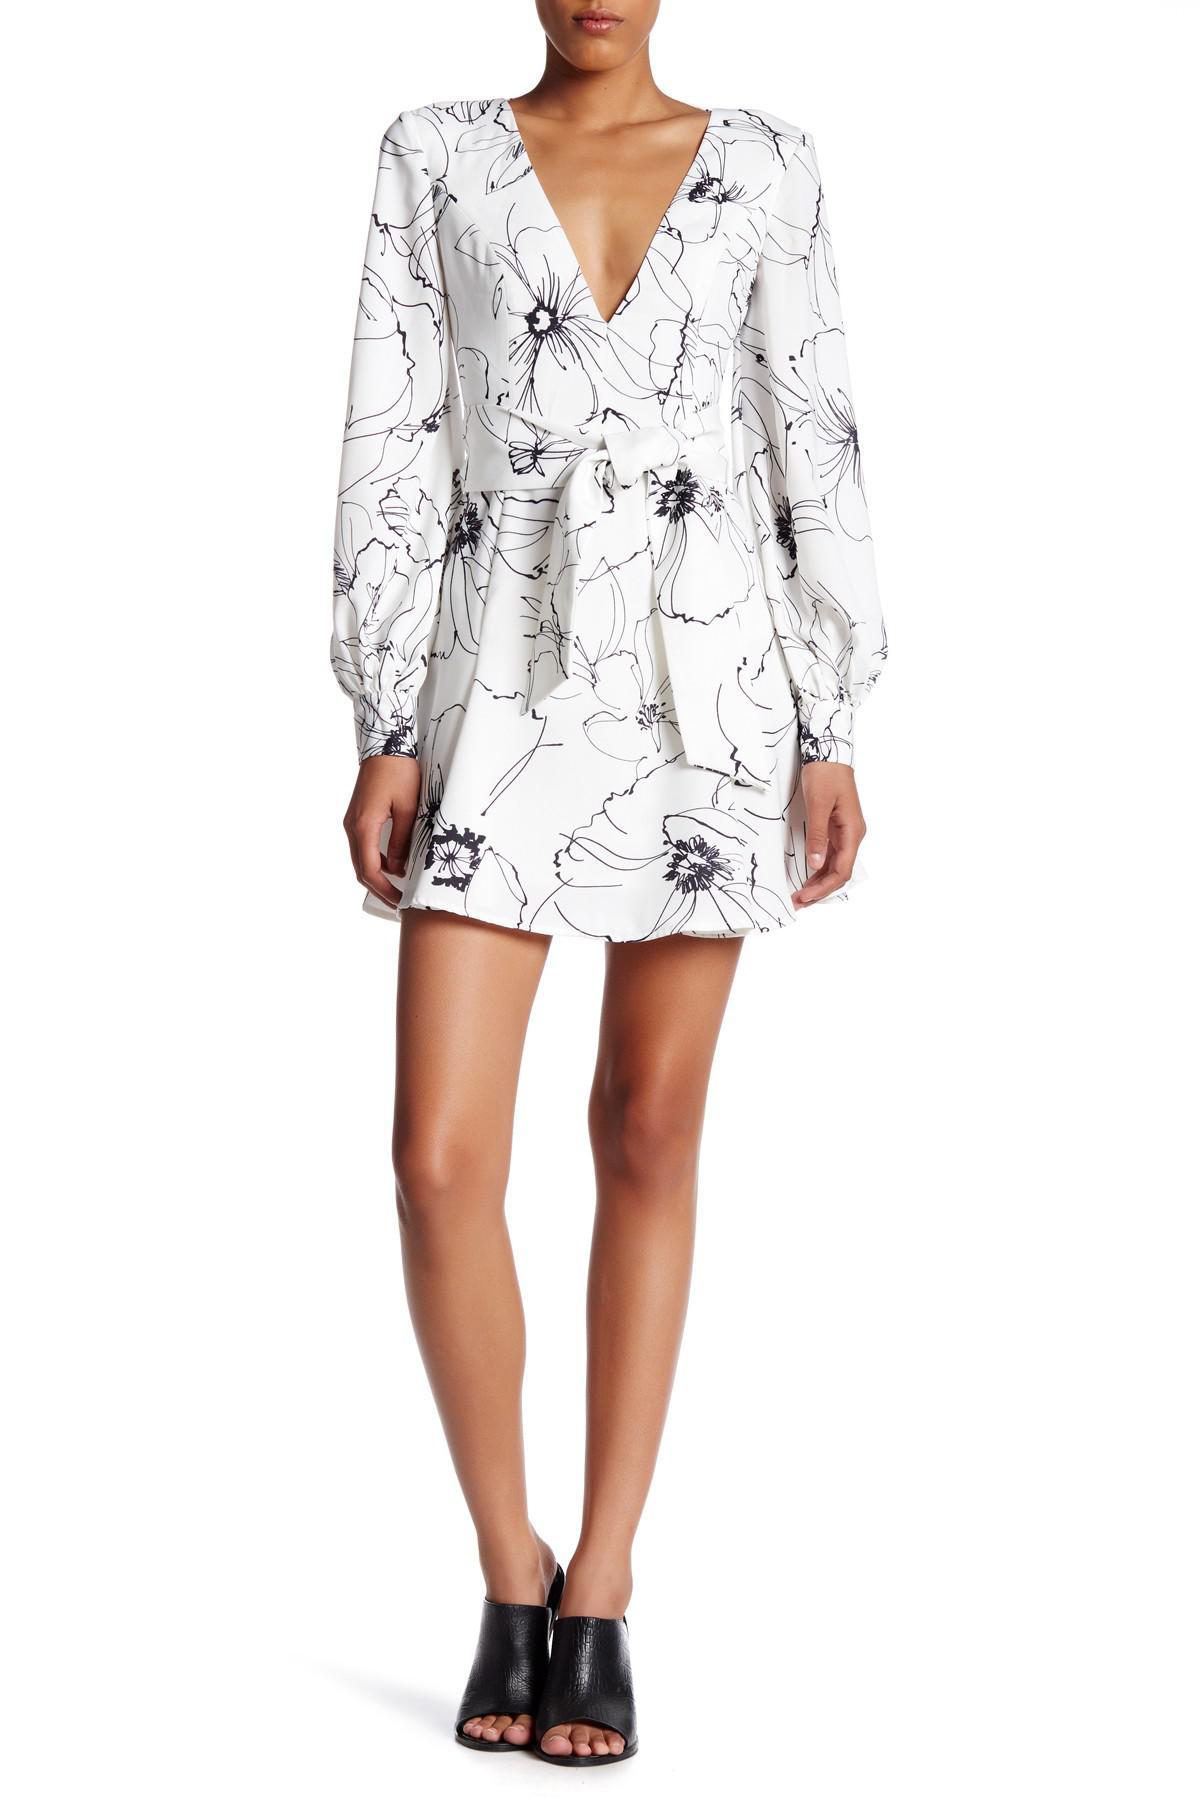 Lyst - Keepsake Heat Wave Long Sleeve Mini Dress in White 52cc36e20